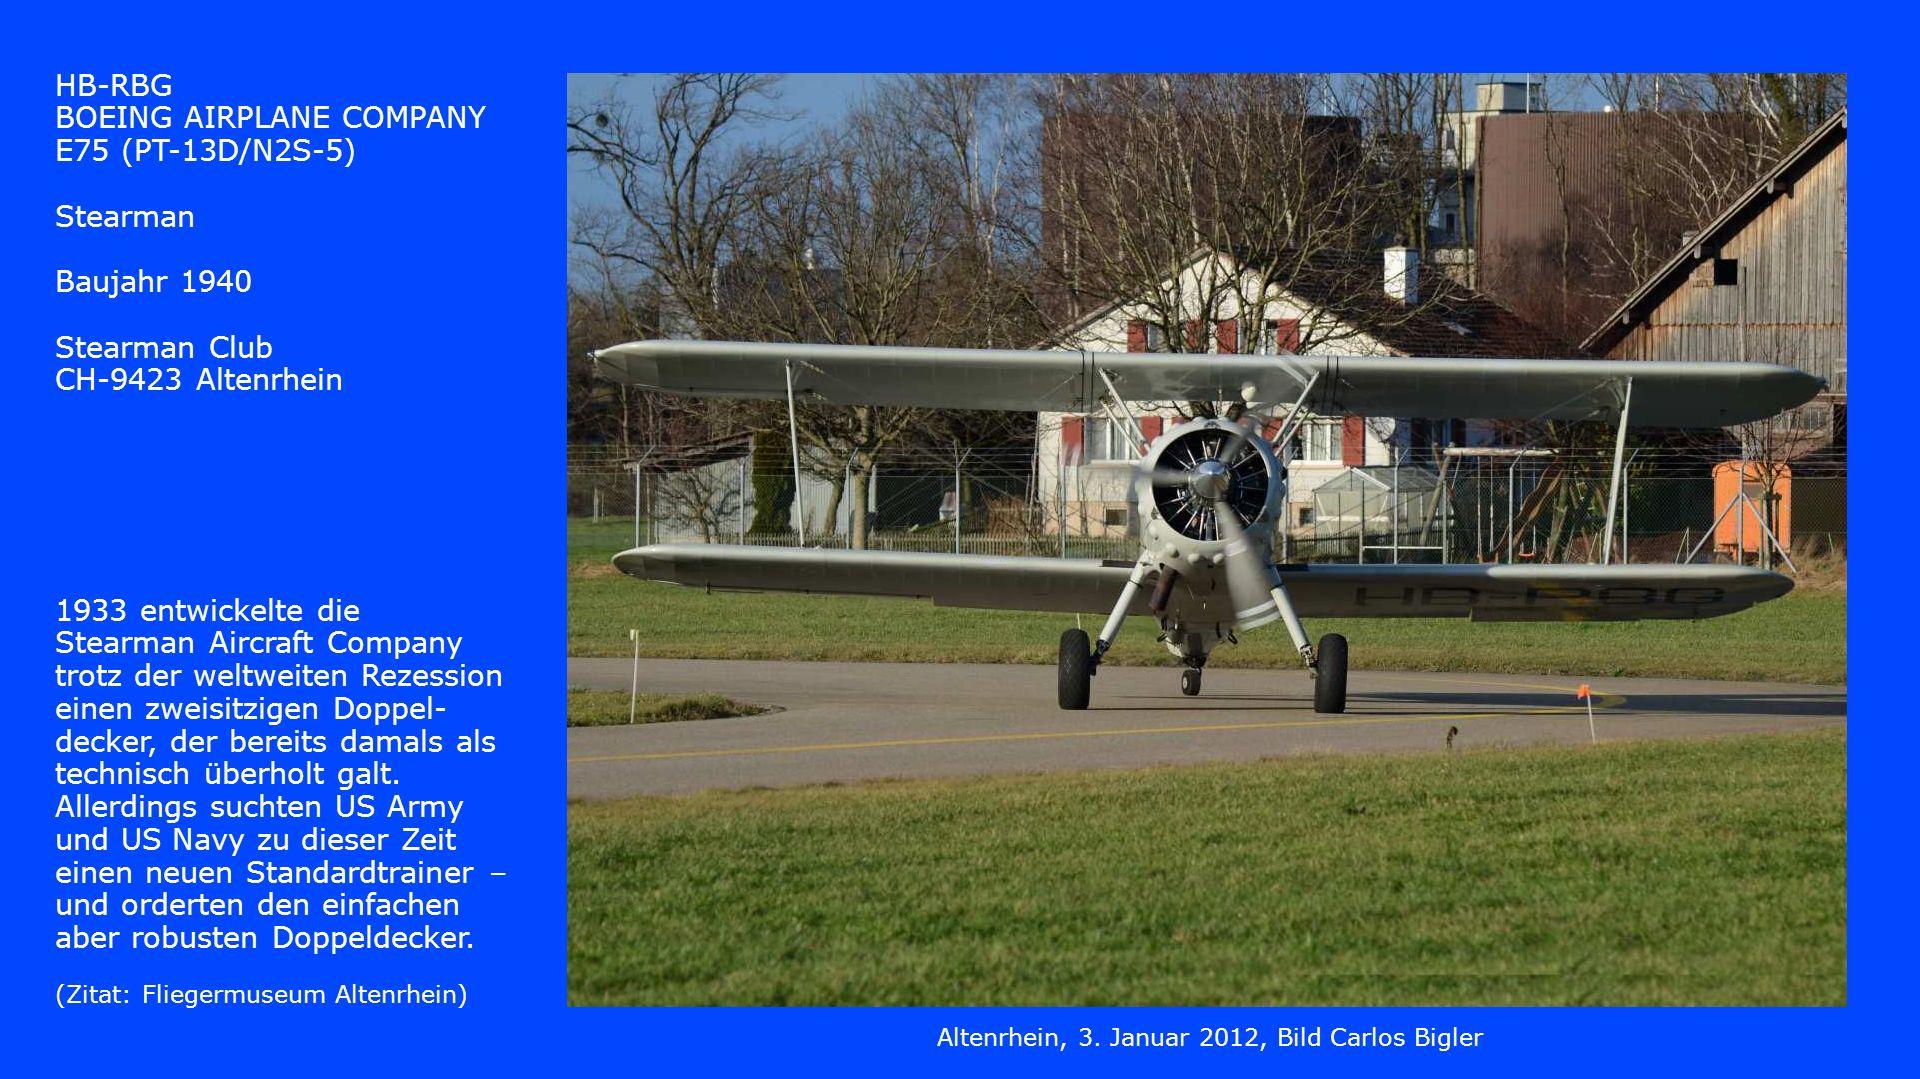 HB-RBG BOEING AIRPLANE COMPANY E75 (PT-13D/N2S-5) Stearman Baujahr 1940 Stearman Club CH-9423 Altenrhein 1933 entwickelte die Stearman Aircraft Compan